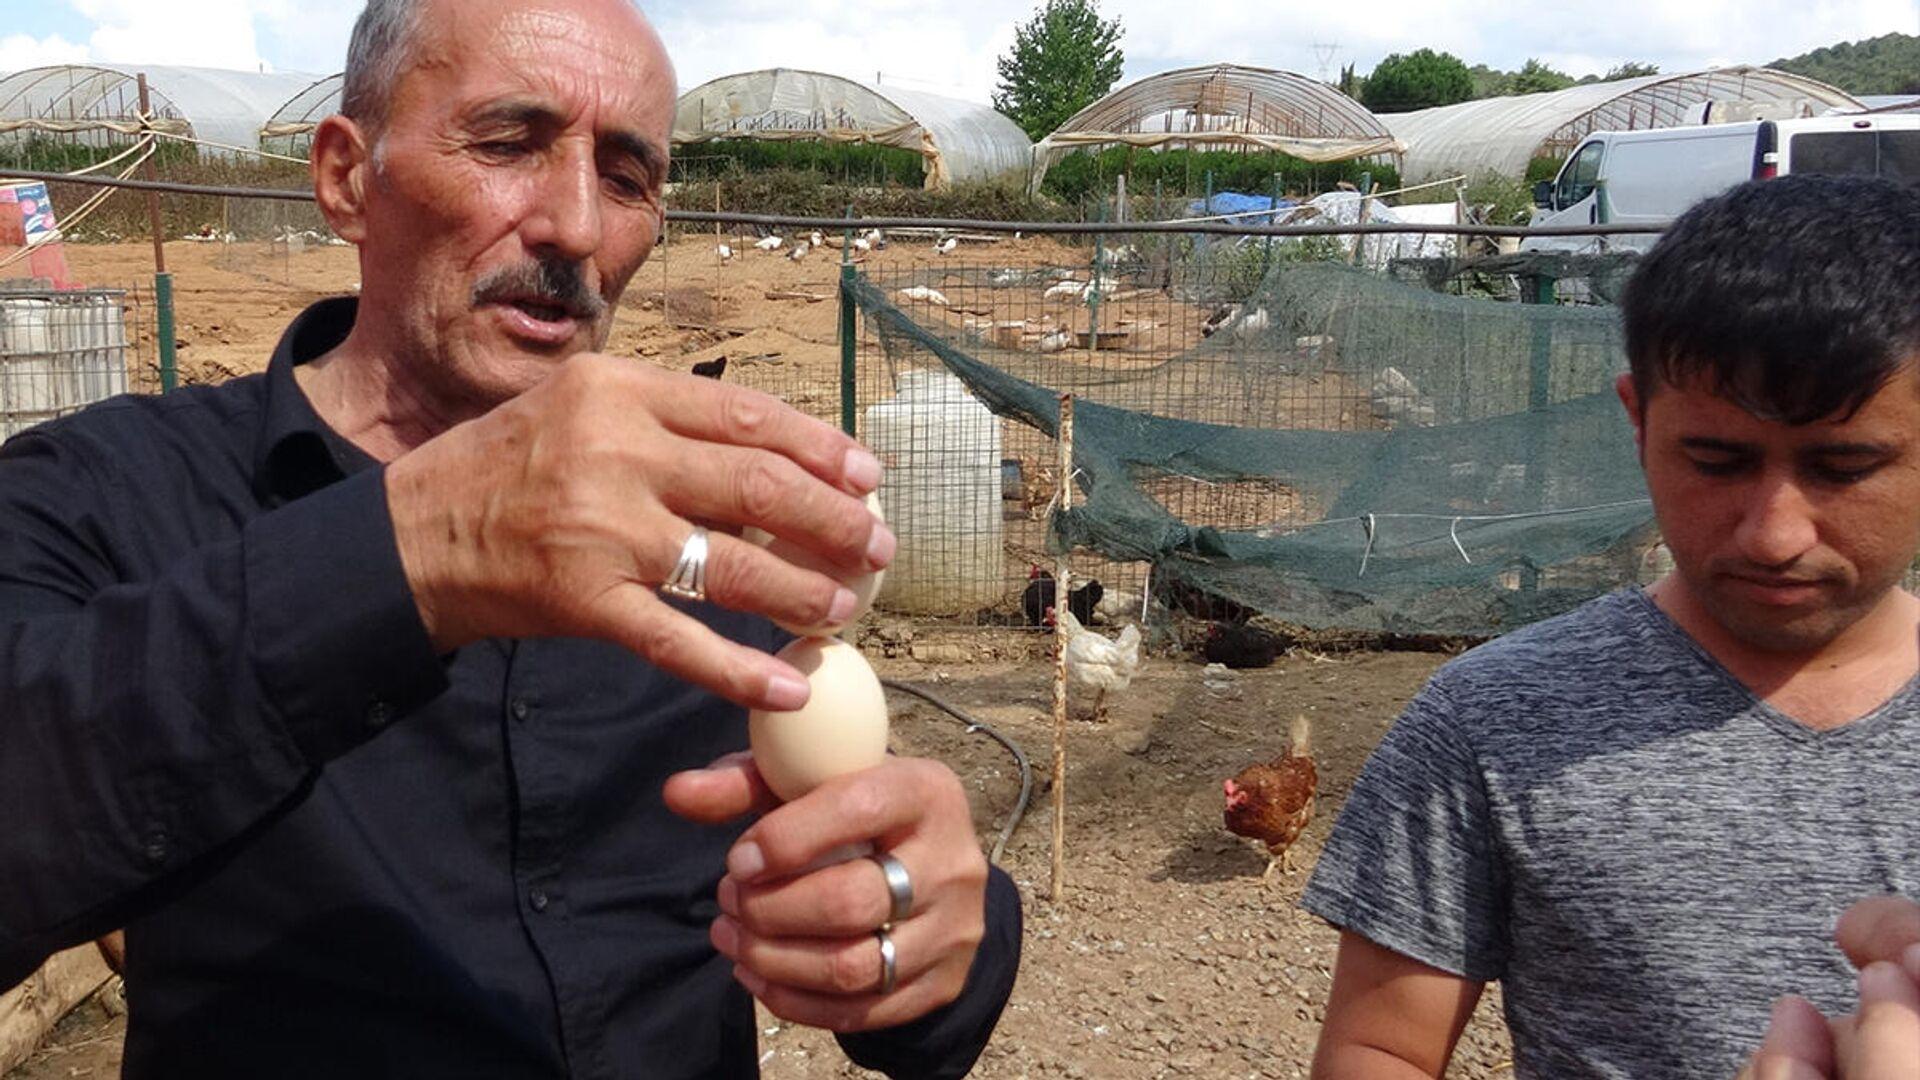 Yumurtanın taze olup olmadığını saptayan tavuk yetiştiricisi - Sputnik Türkiye, 1920, 17.09.2021